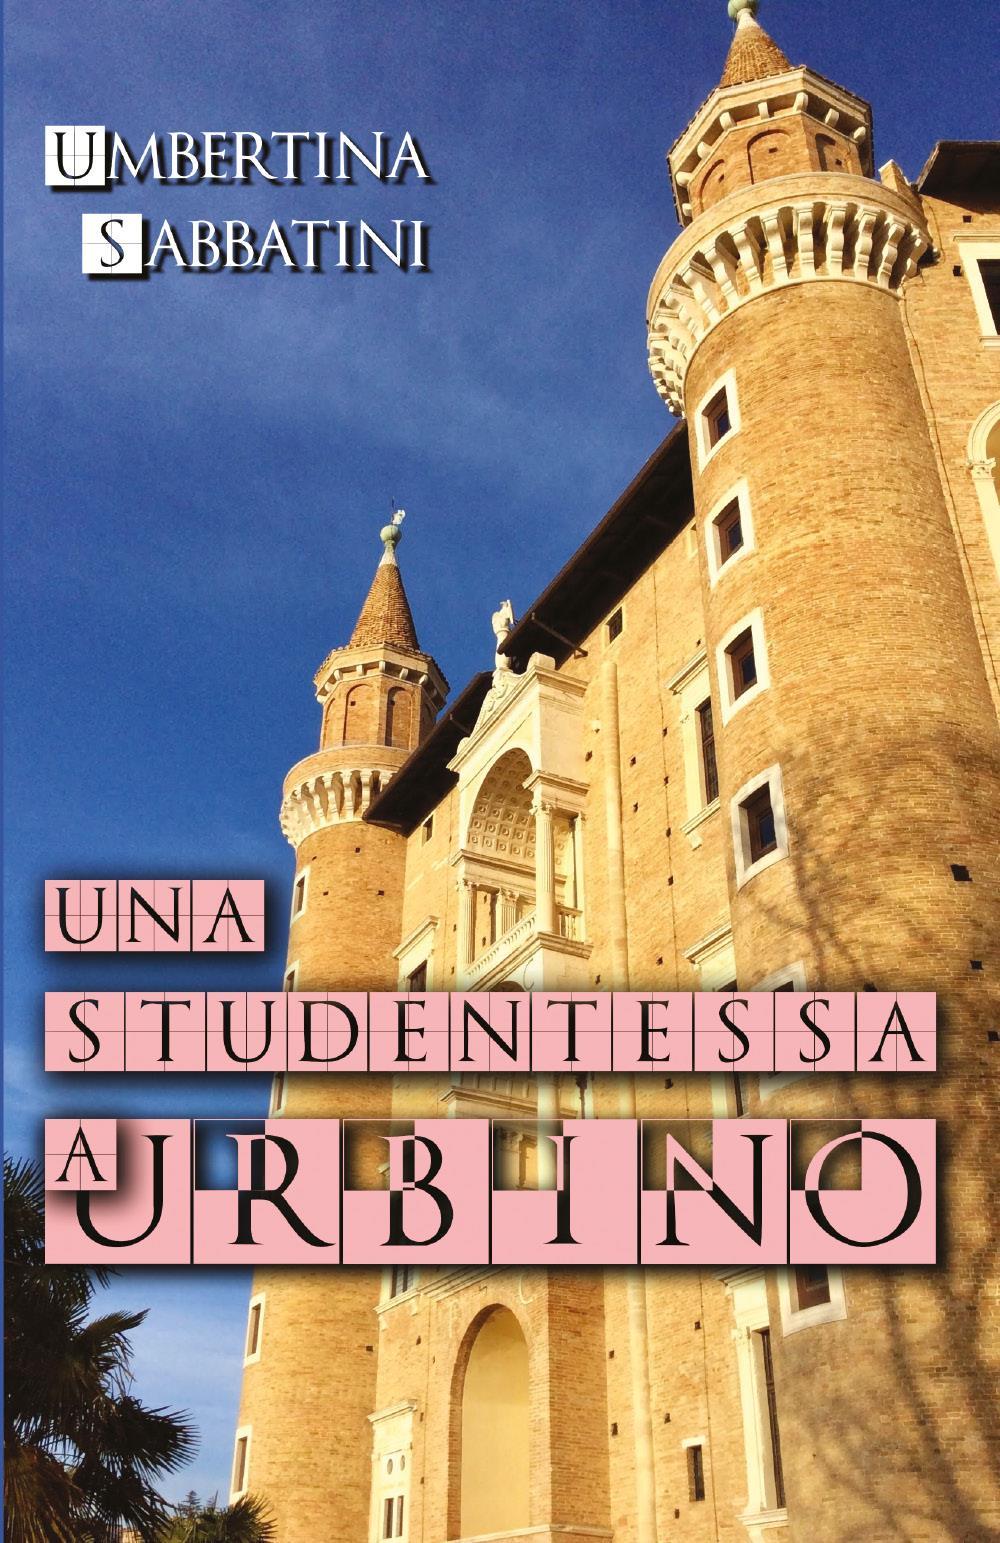 Una Studentessa a Urbino